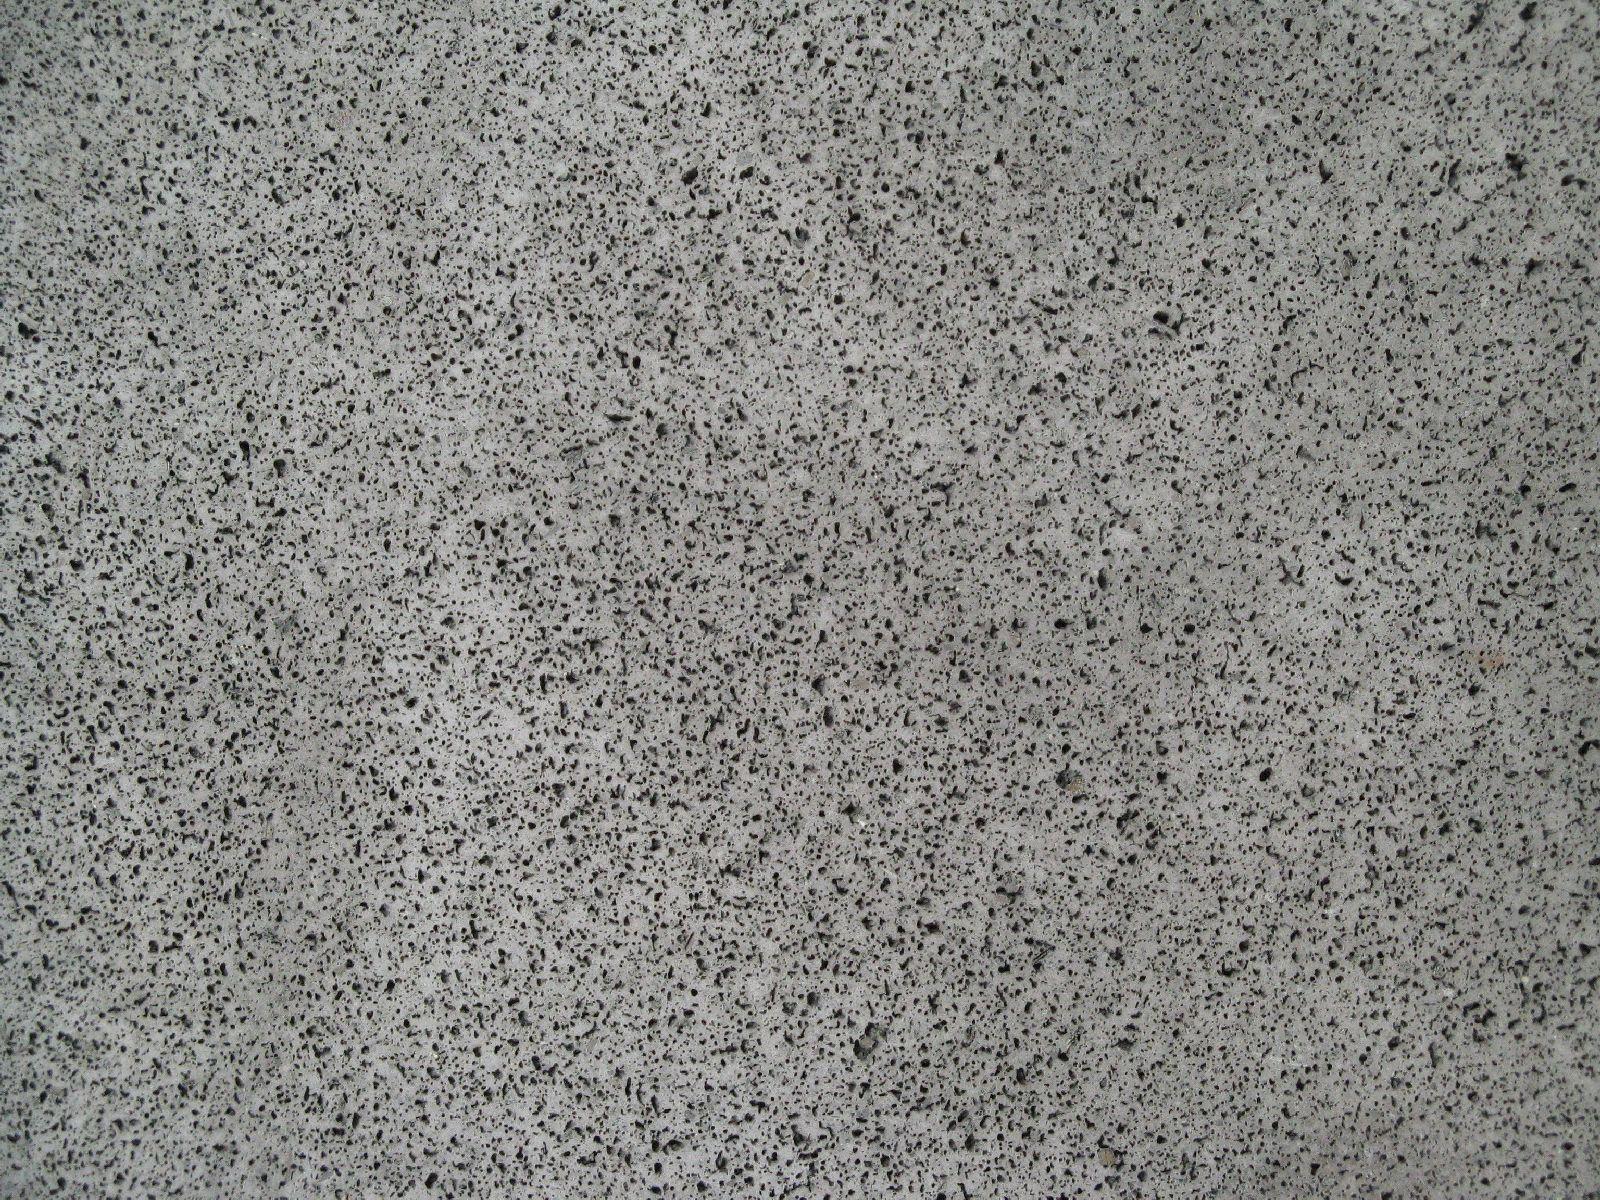 Boden-Gehweg-Strasse-Buergersteig-Textur_B_0415